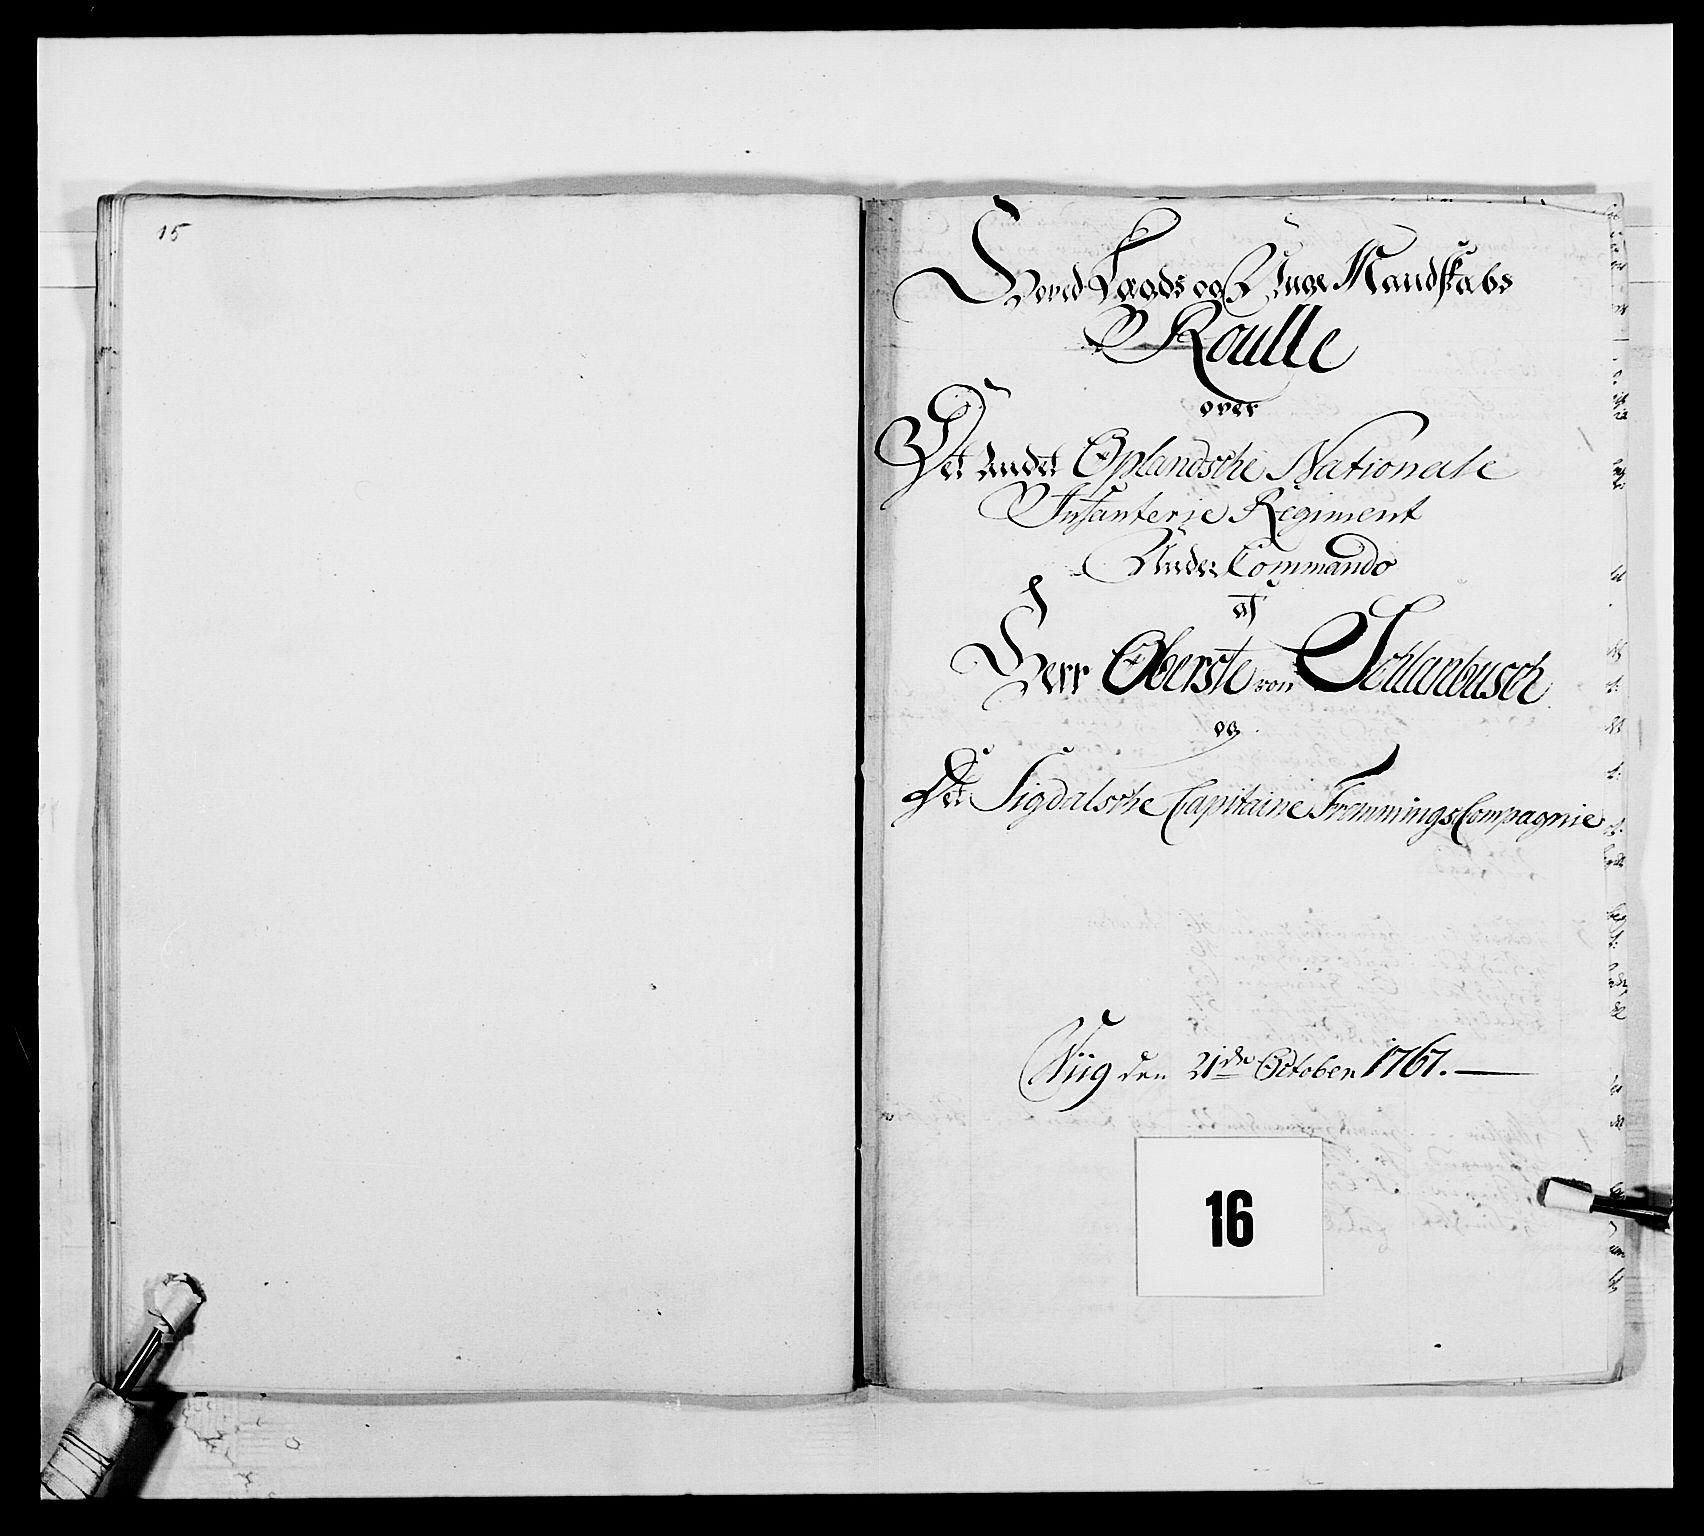 RA, Kommanderende general (KG I) med Det norske krigsdirektorium, E/Ea/L0507: 2. Opplandske regiment, 1766-1767, s. 339